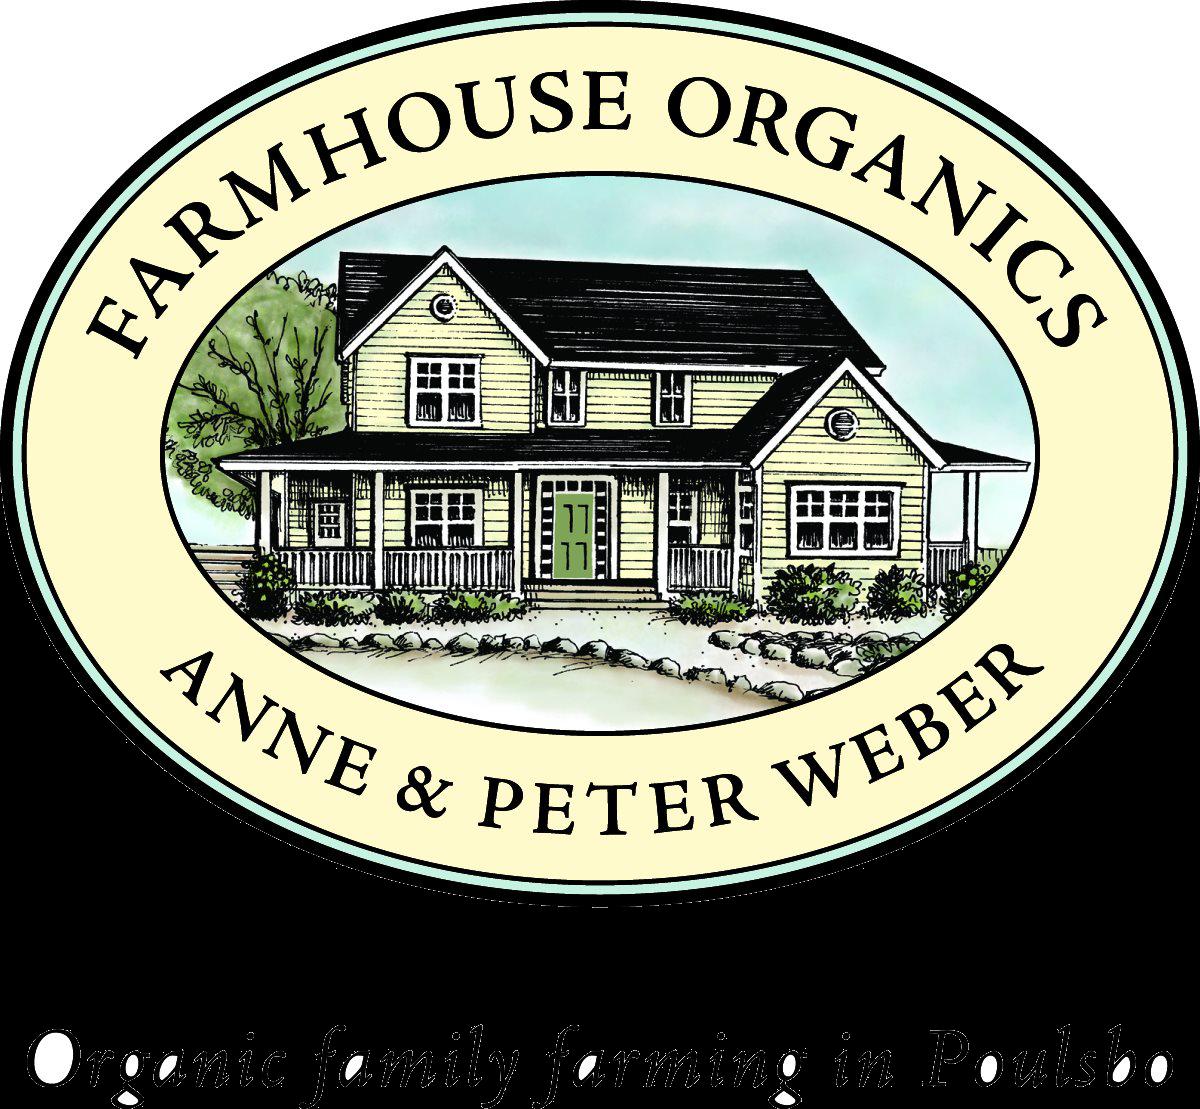 Farmhouse clipart farm house. Organics